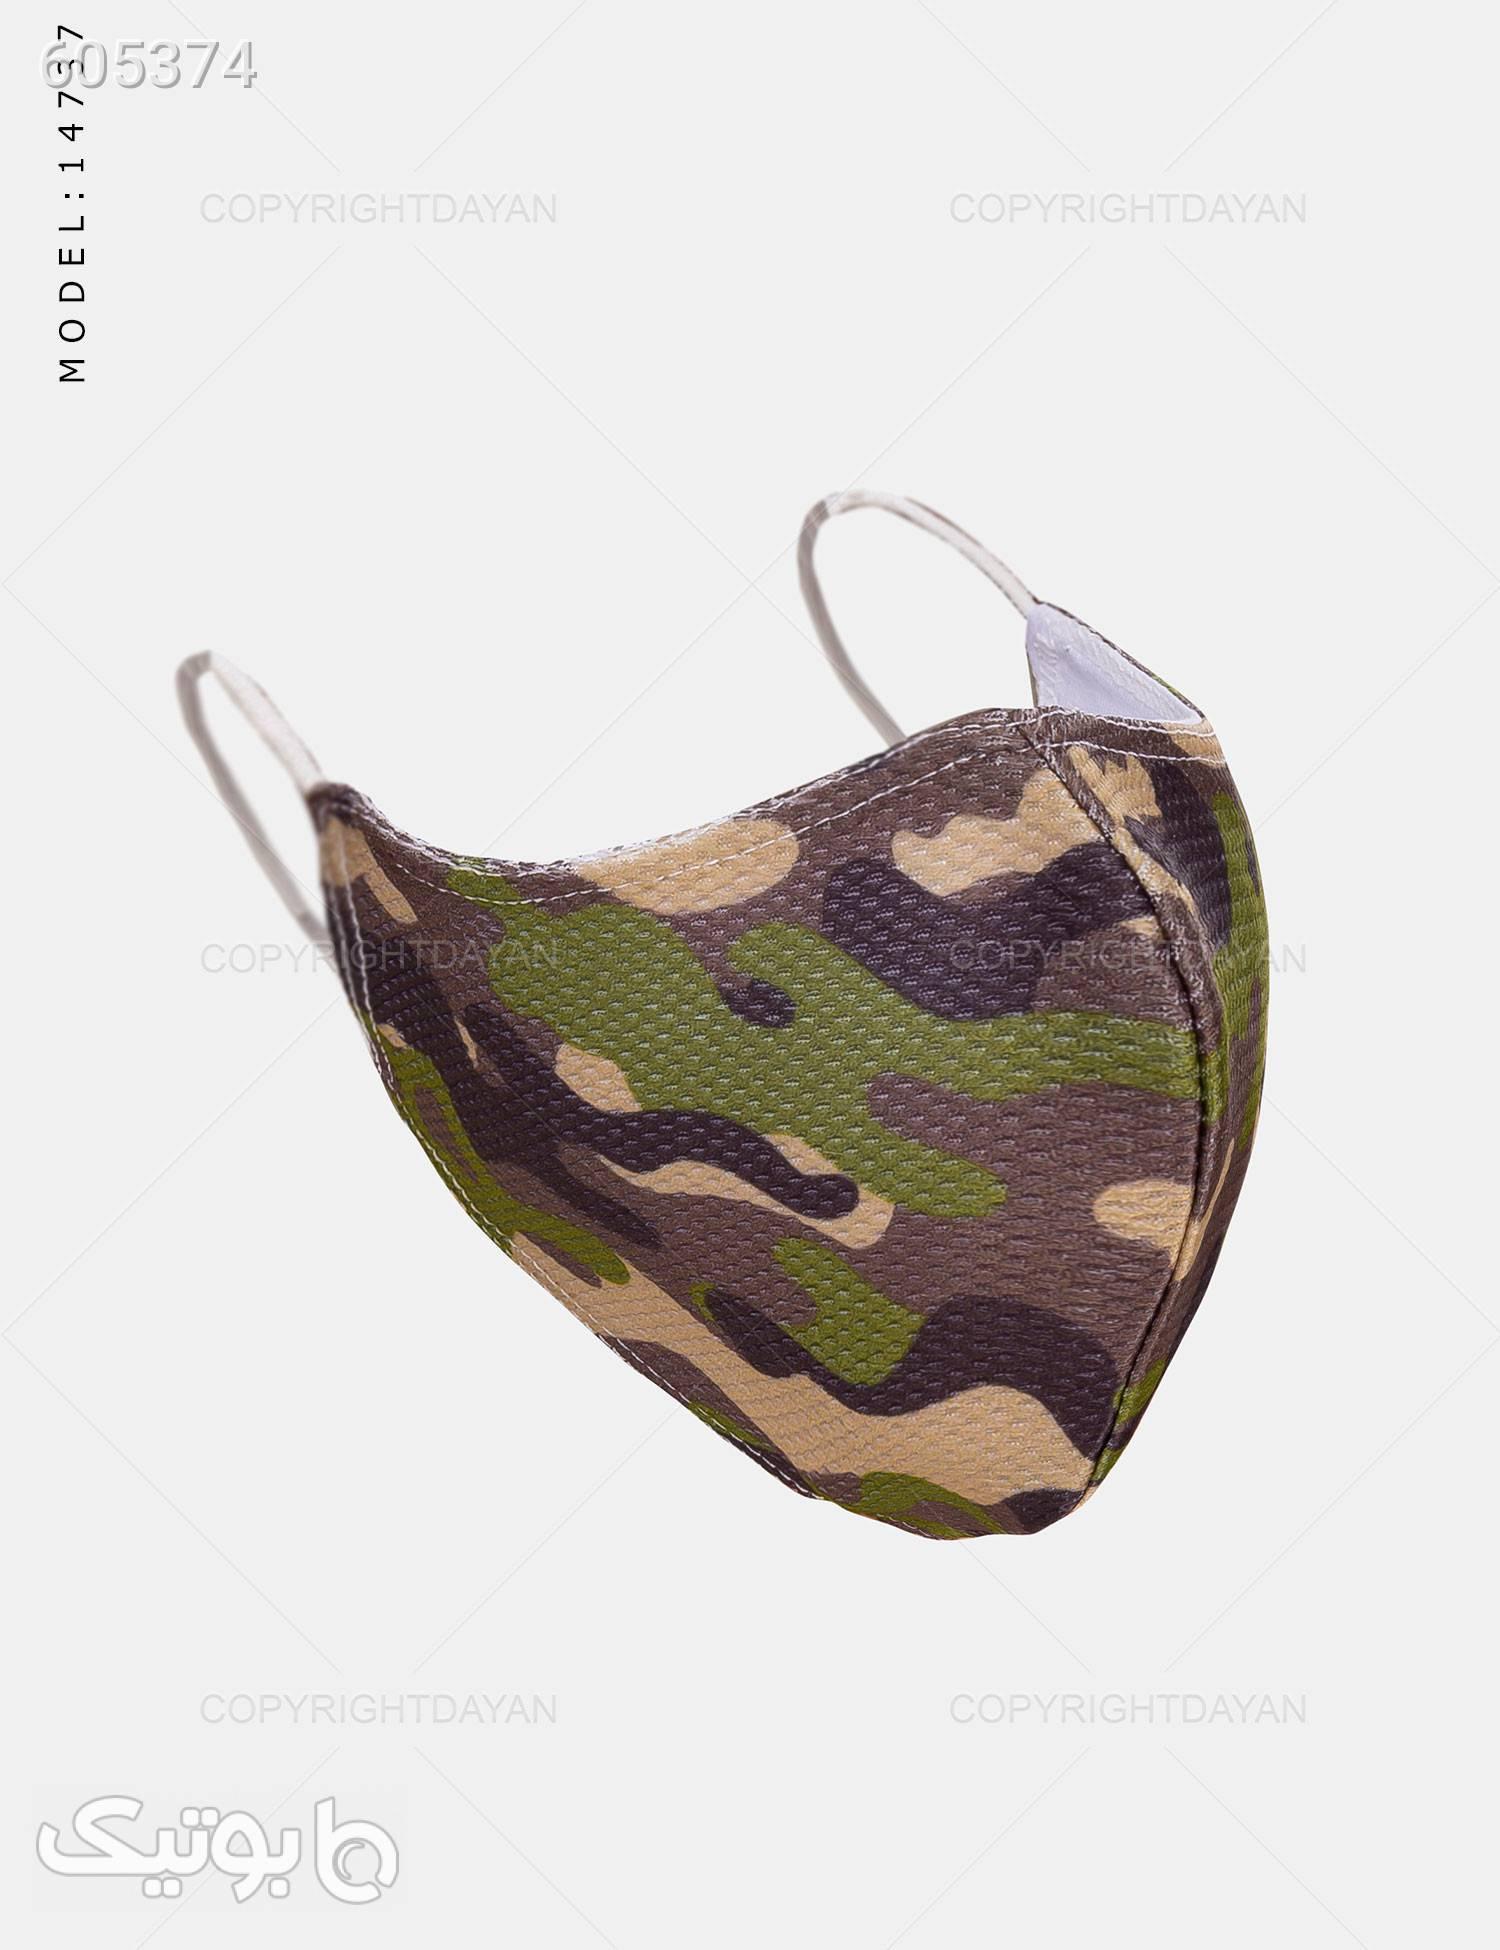 ماسک پارچه ای طرح چریکی طلایی بهداشت و مراقبت بدن